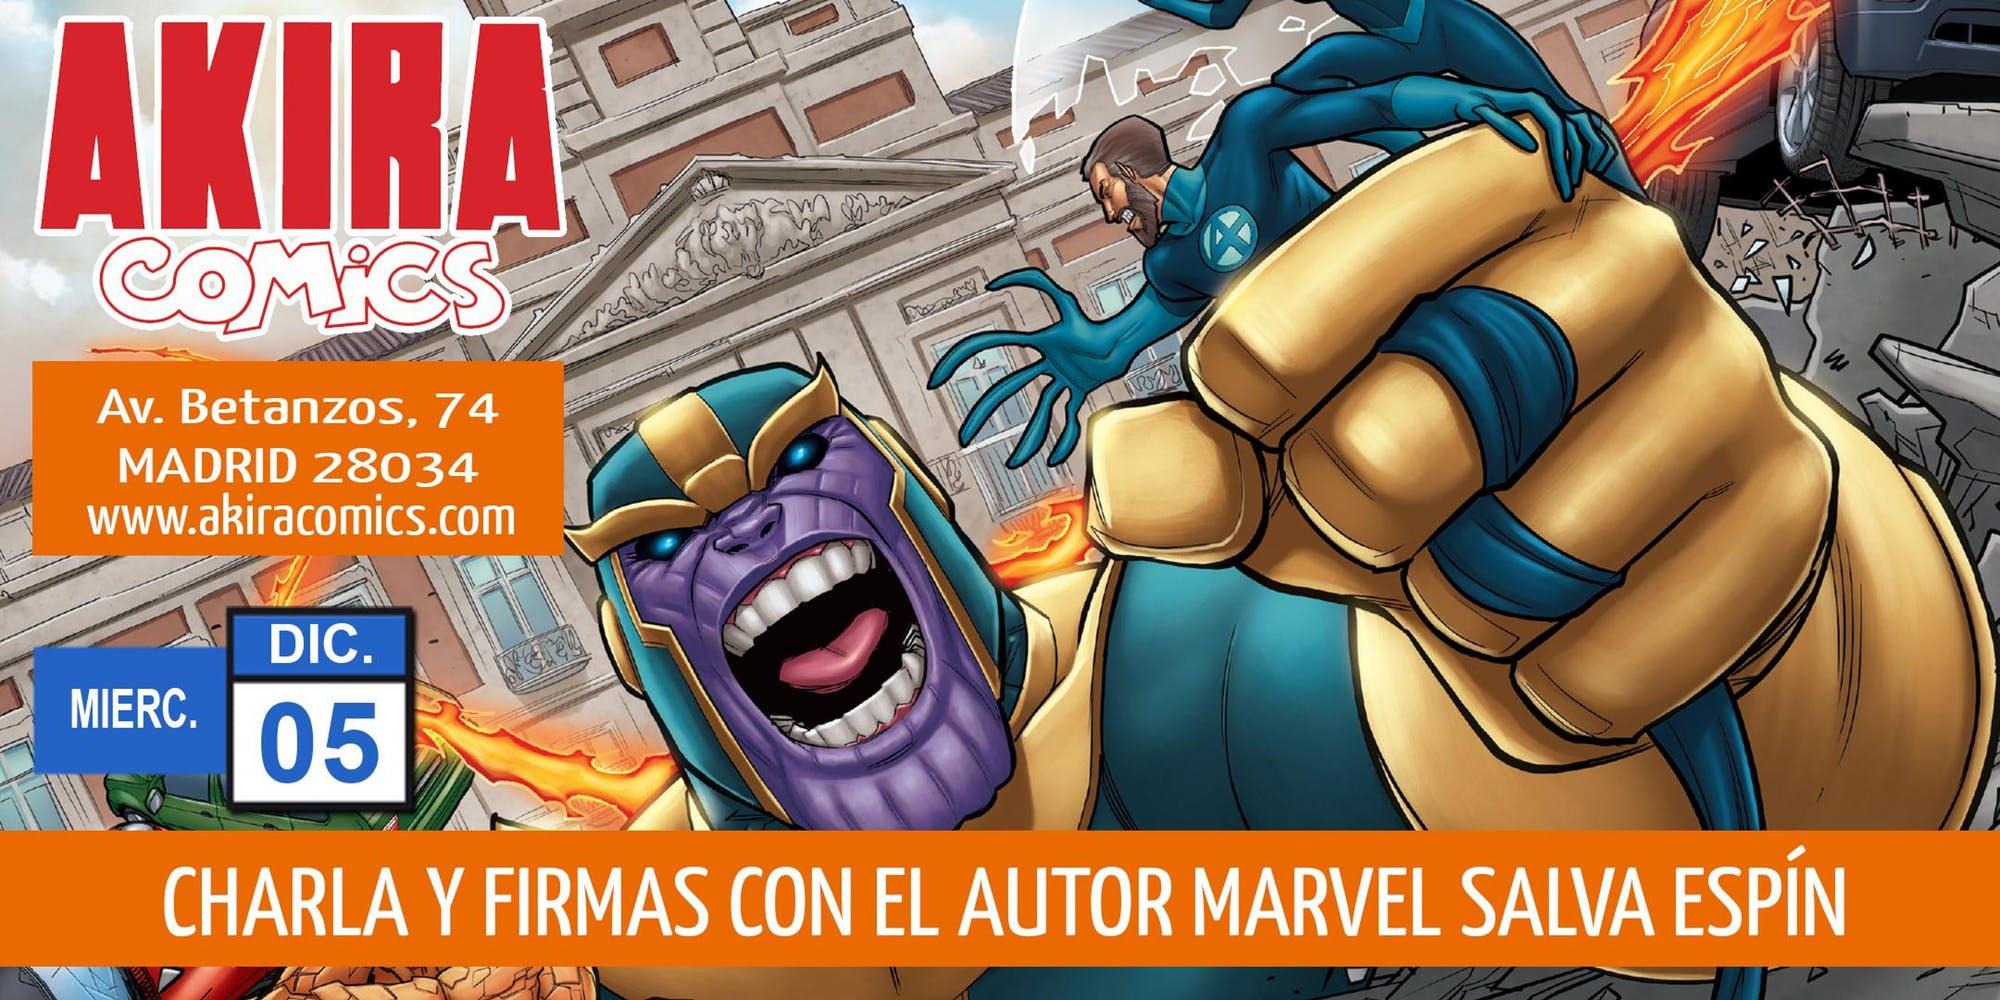 Charla Y Sesión De Firmas Con Marvel Salvador Espín En Akira Cómics Gremio De Librerías De Madrid